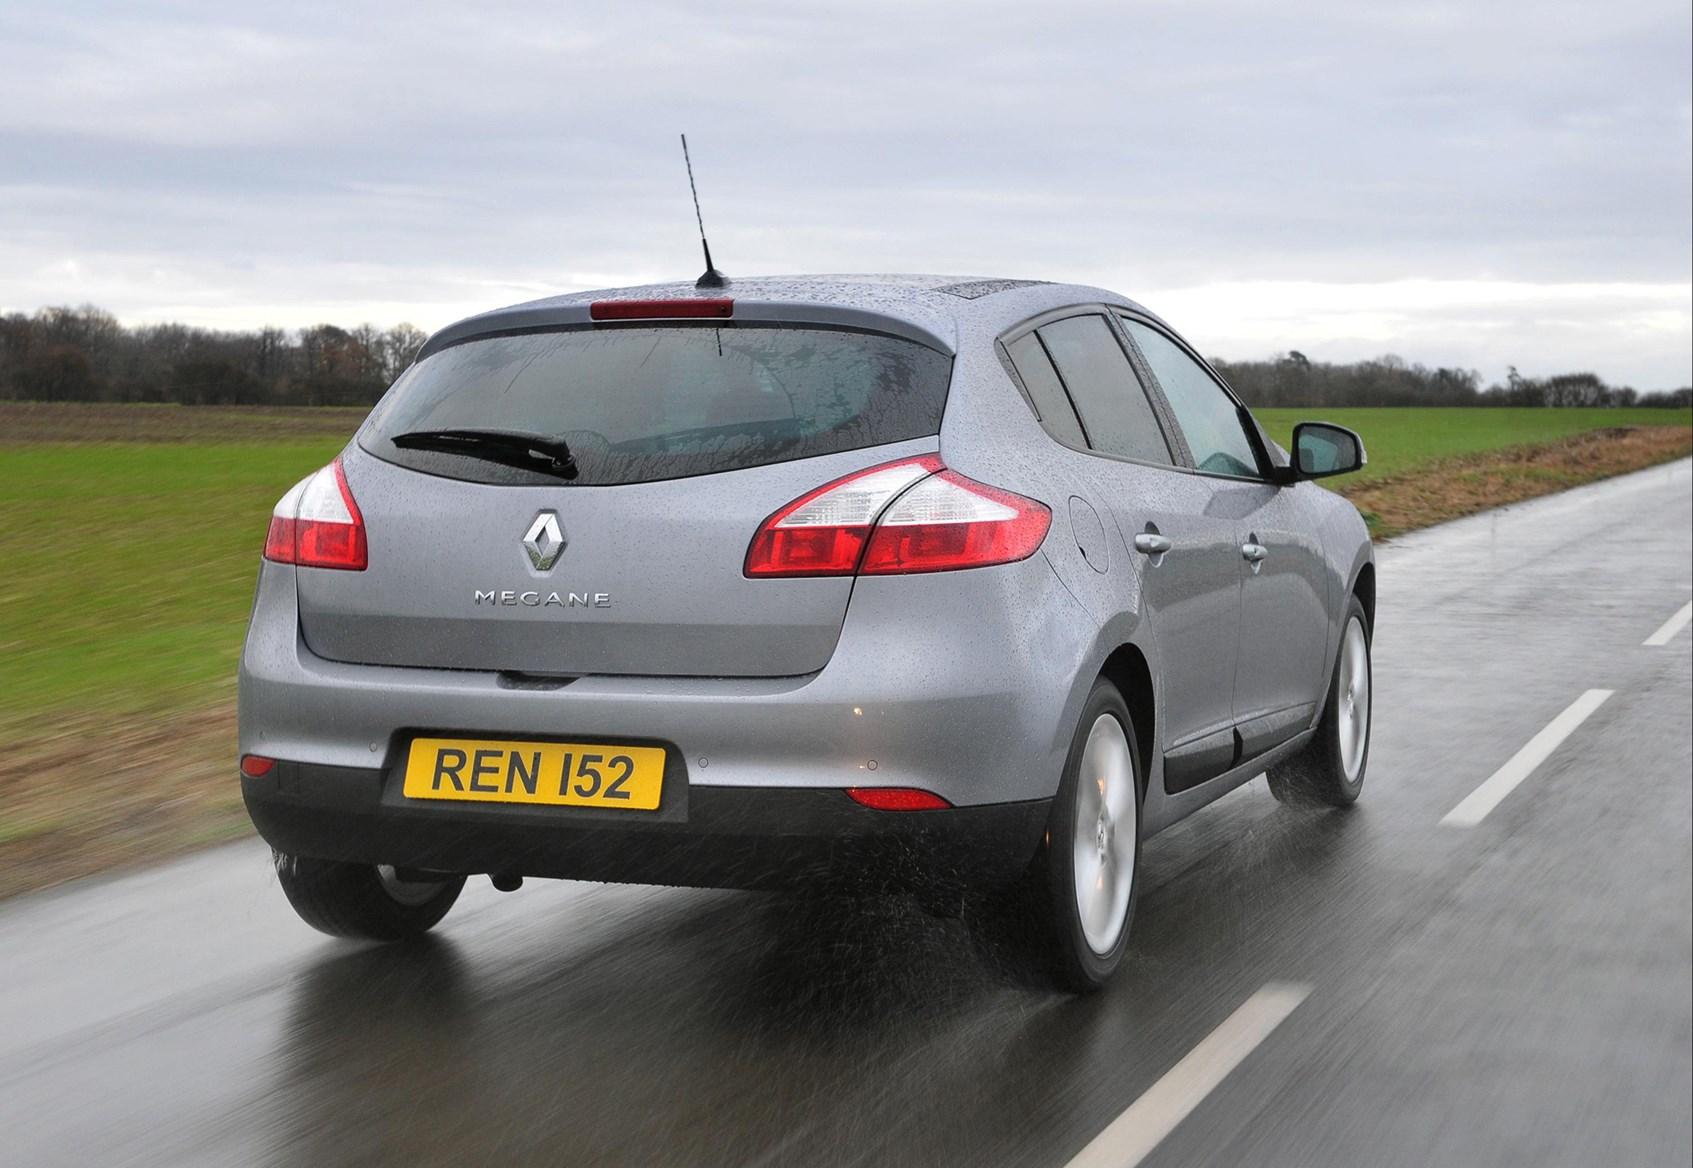 Used Renault Megane Hatchback (2008 - 2016) Practicality | Parkers